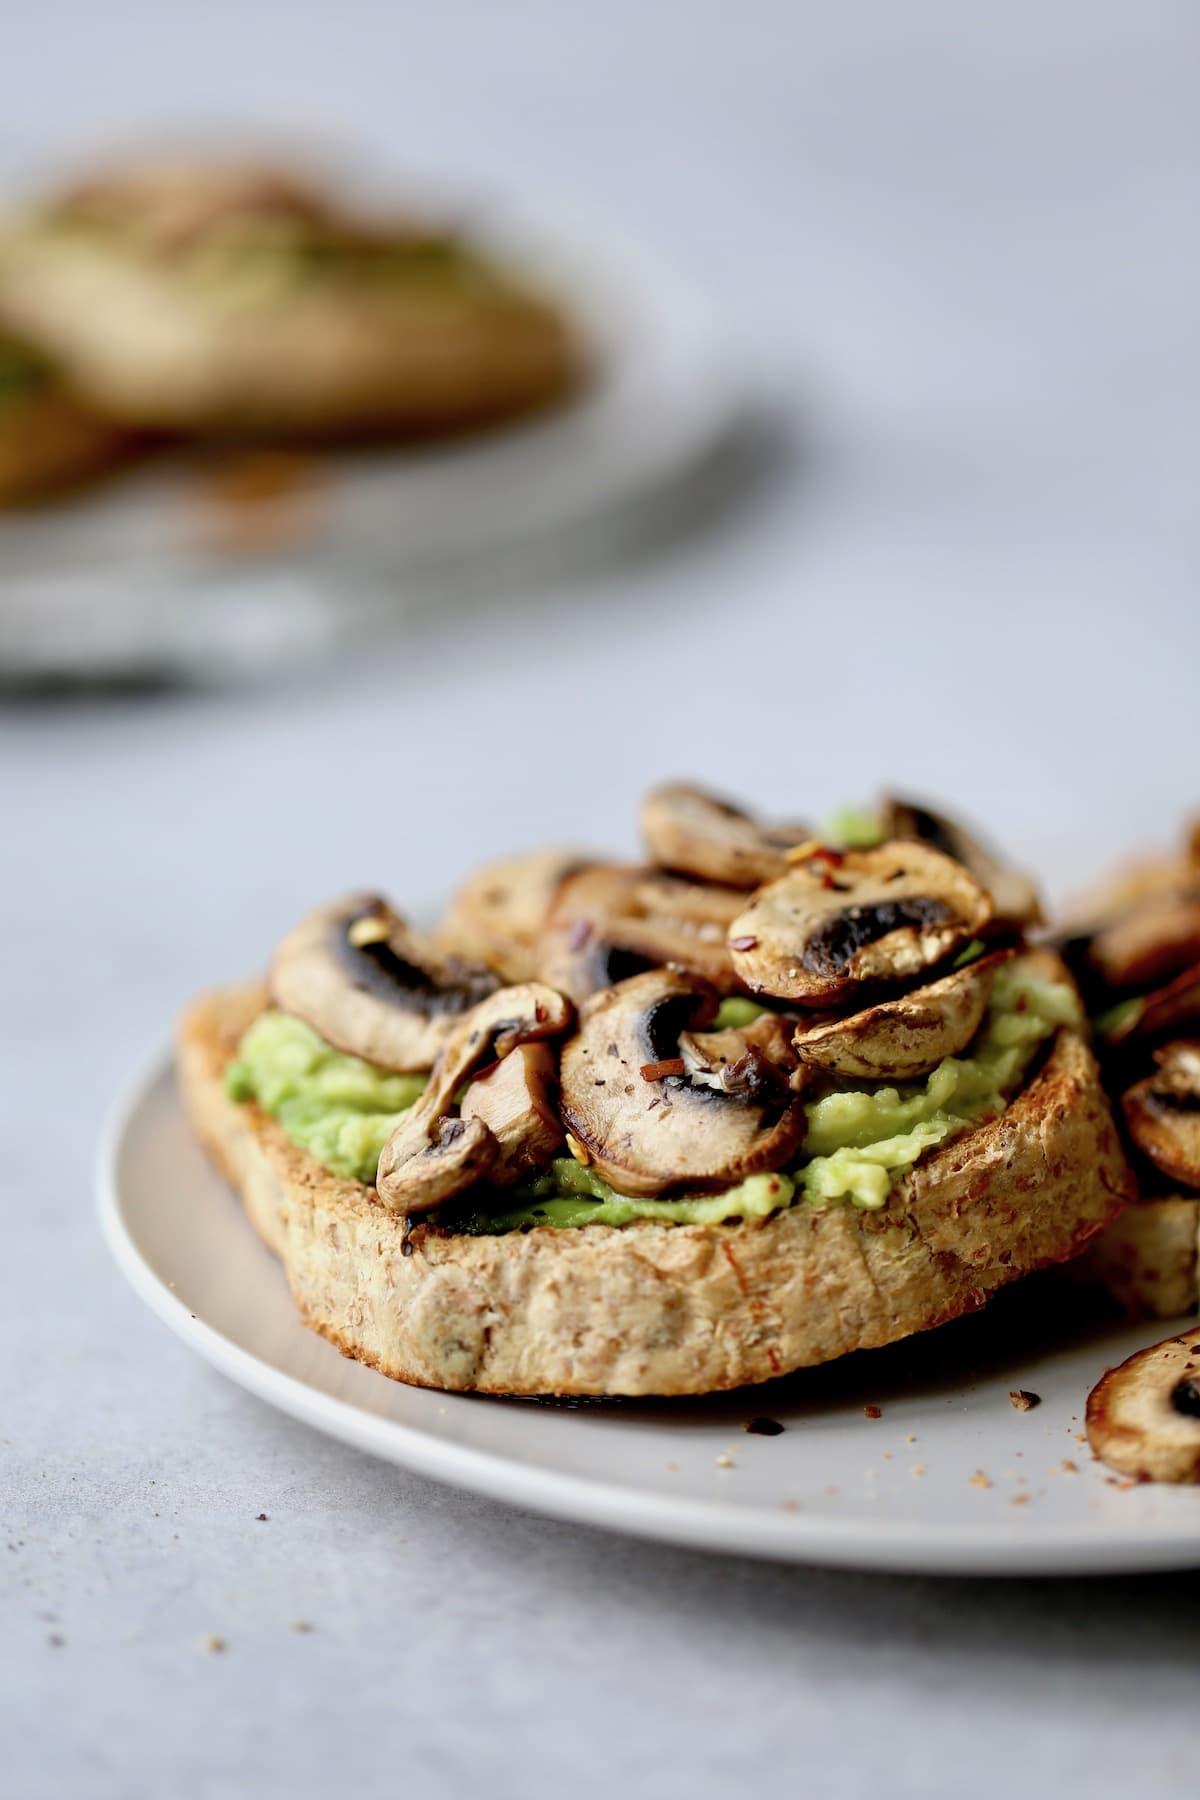 Sauteed mushrooms on avocado toast